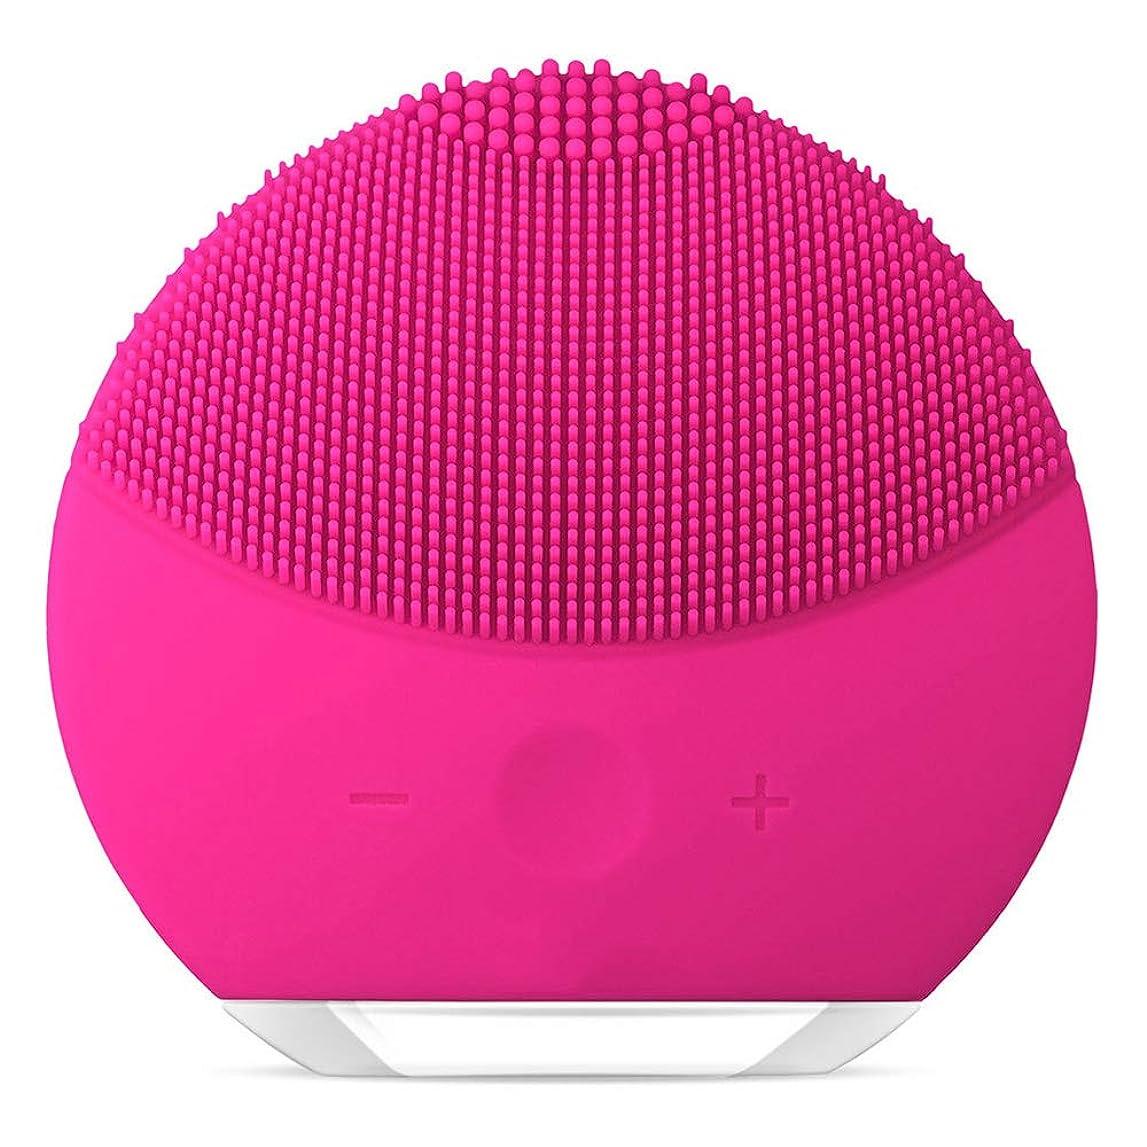 変数推論スリルGOIOD 洗顔ブラシ美顔器 洗顔とマッサージ両立 音波洗顔 電動 防水仕様 ローズ 1個